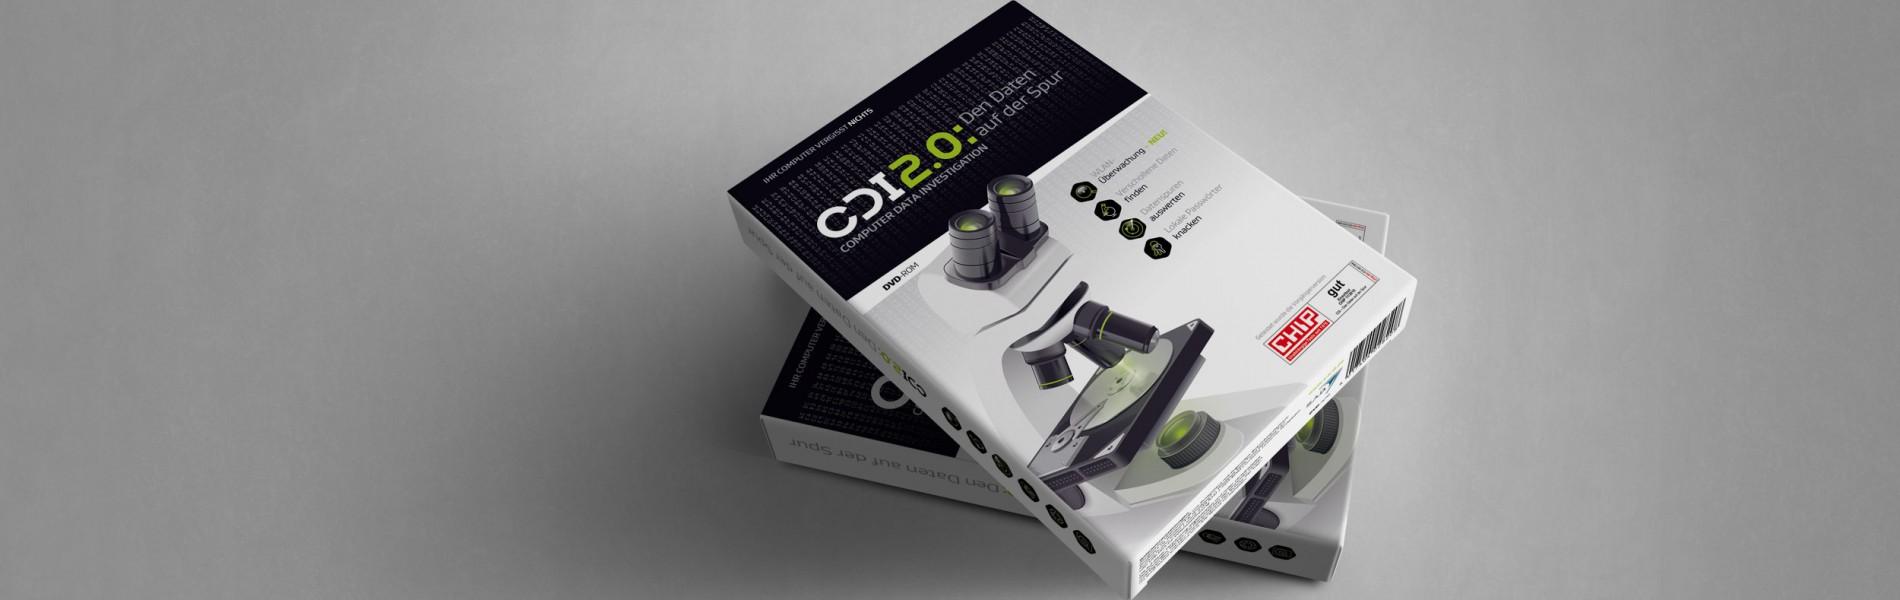 CDI 2.0 – den Daten auf der Spur